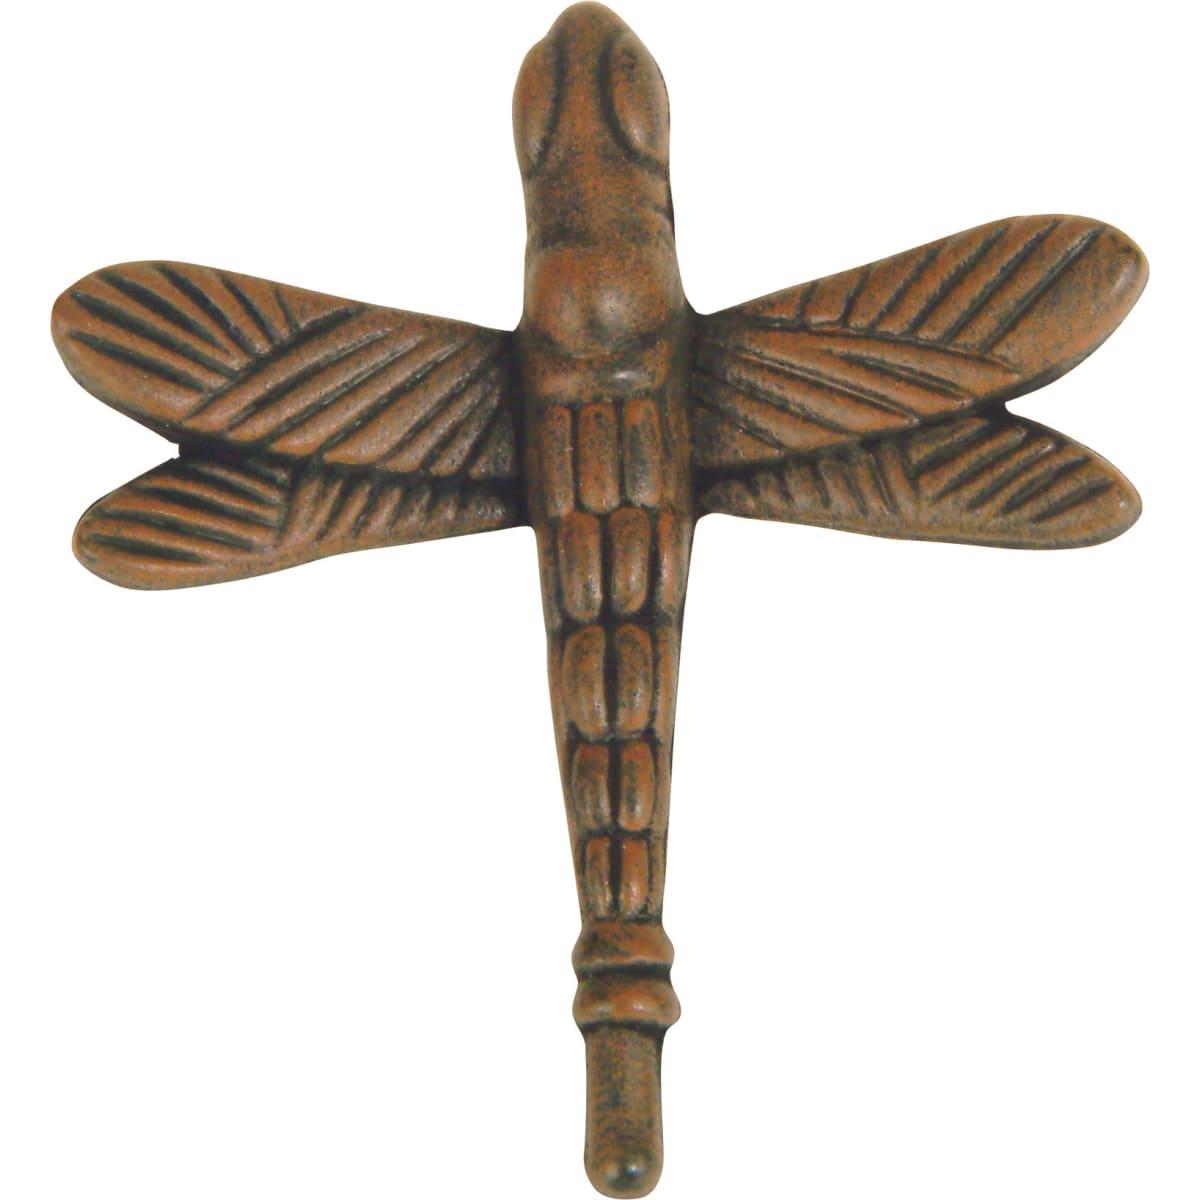 Atlas Garden 2-1/4 Inch Long Dragonfly Designer Cabinet Knob